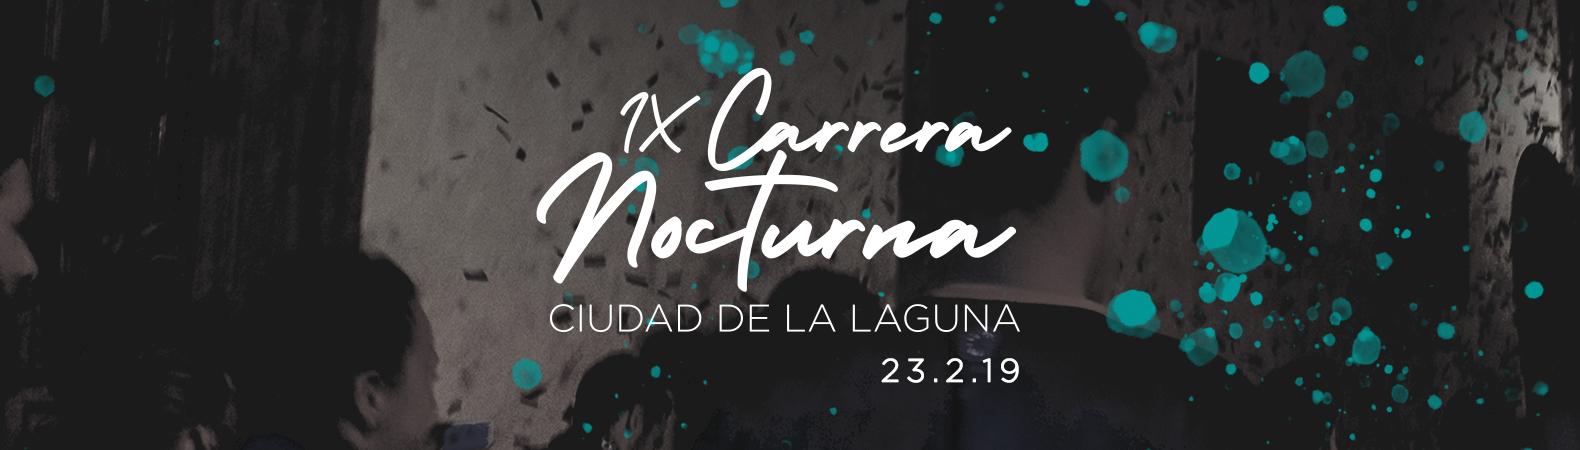 IX Carrera Nocturna Ciudad de La Laguna